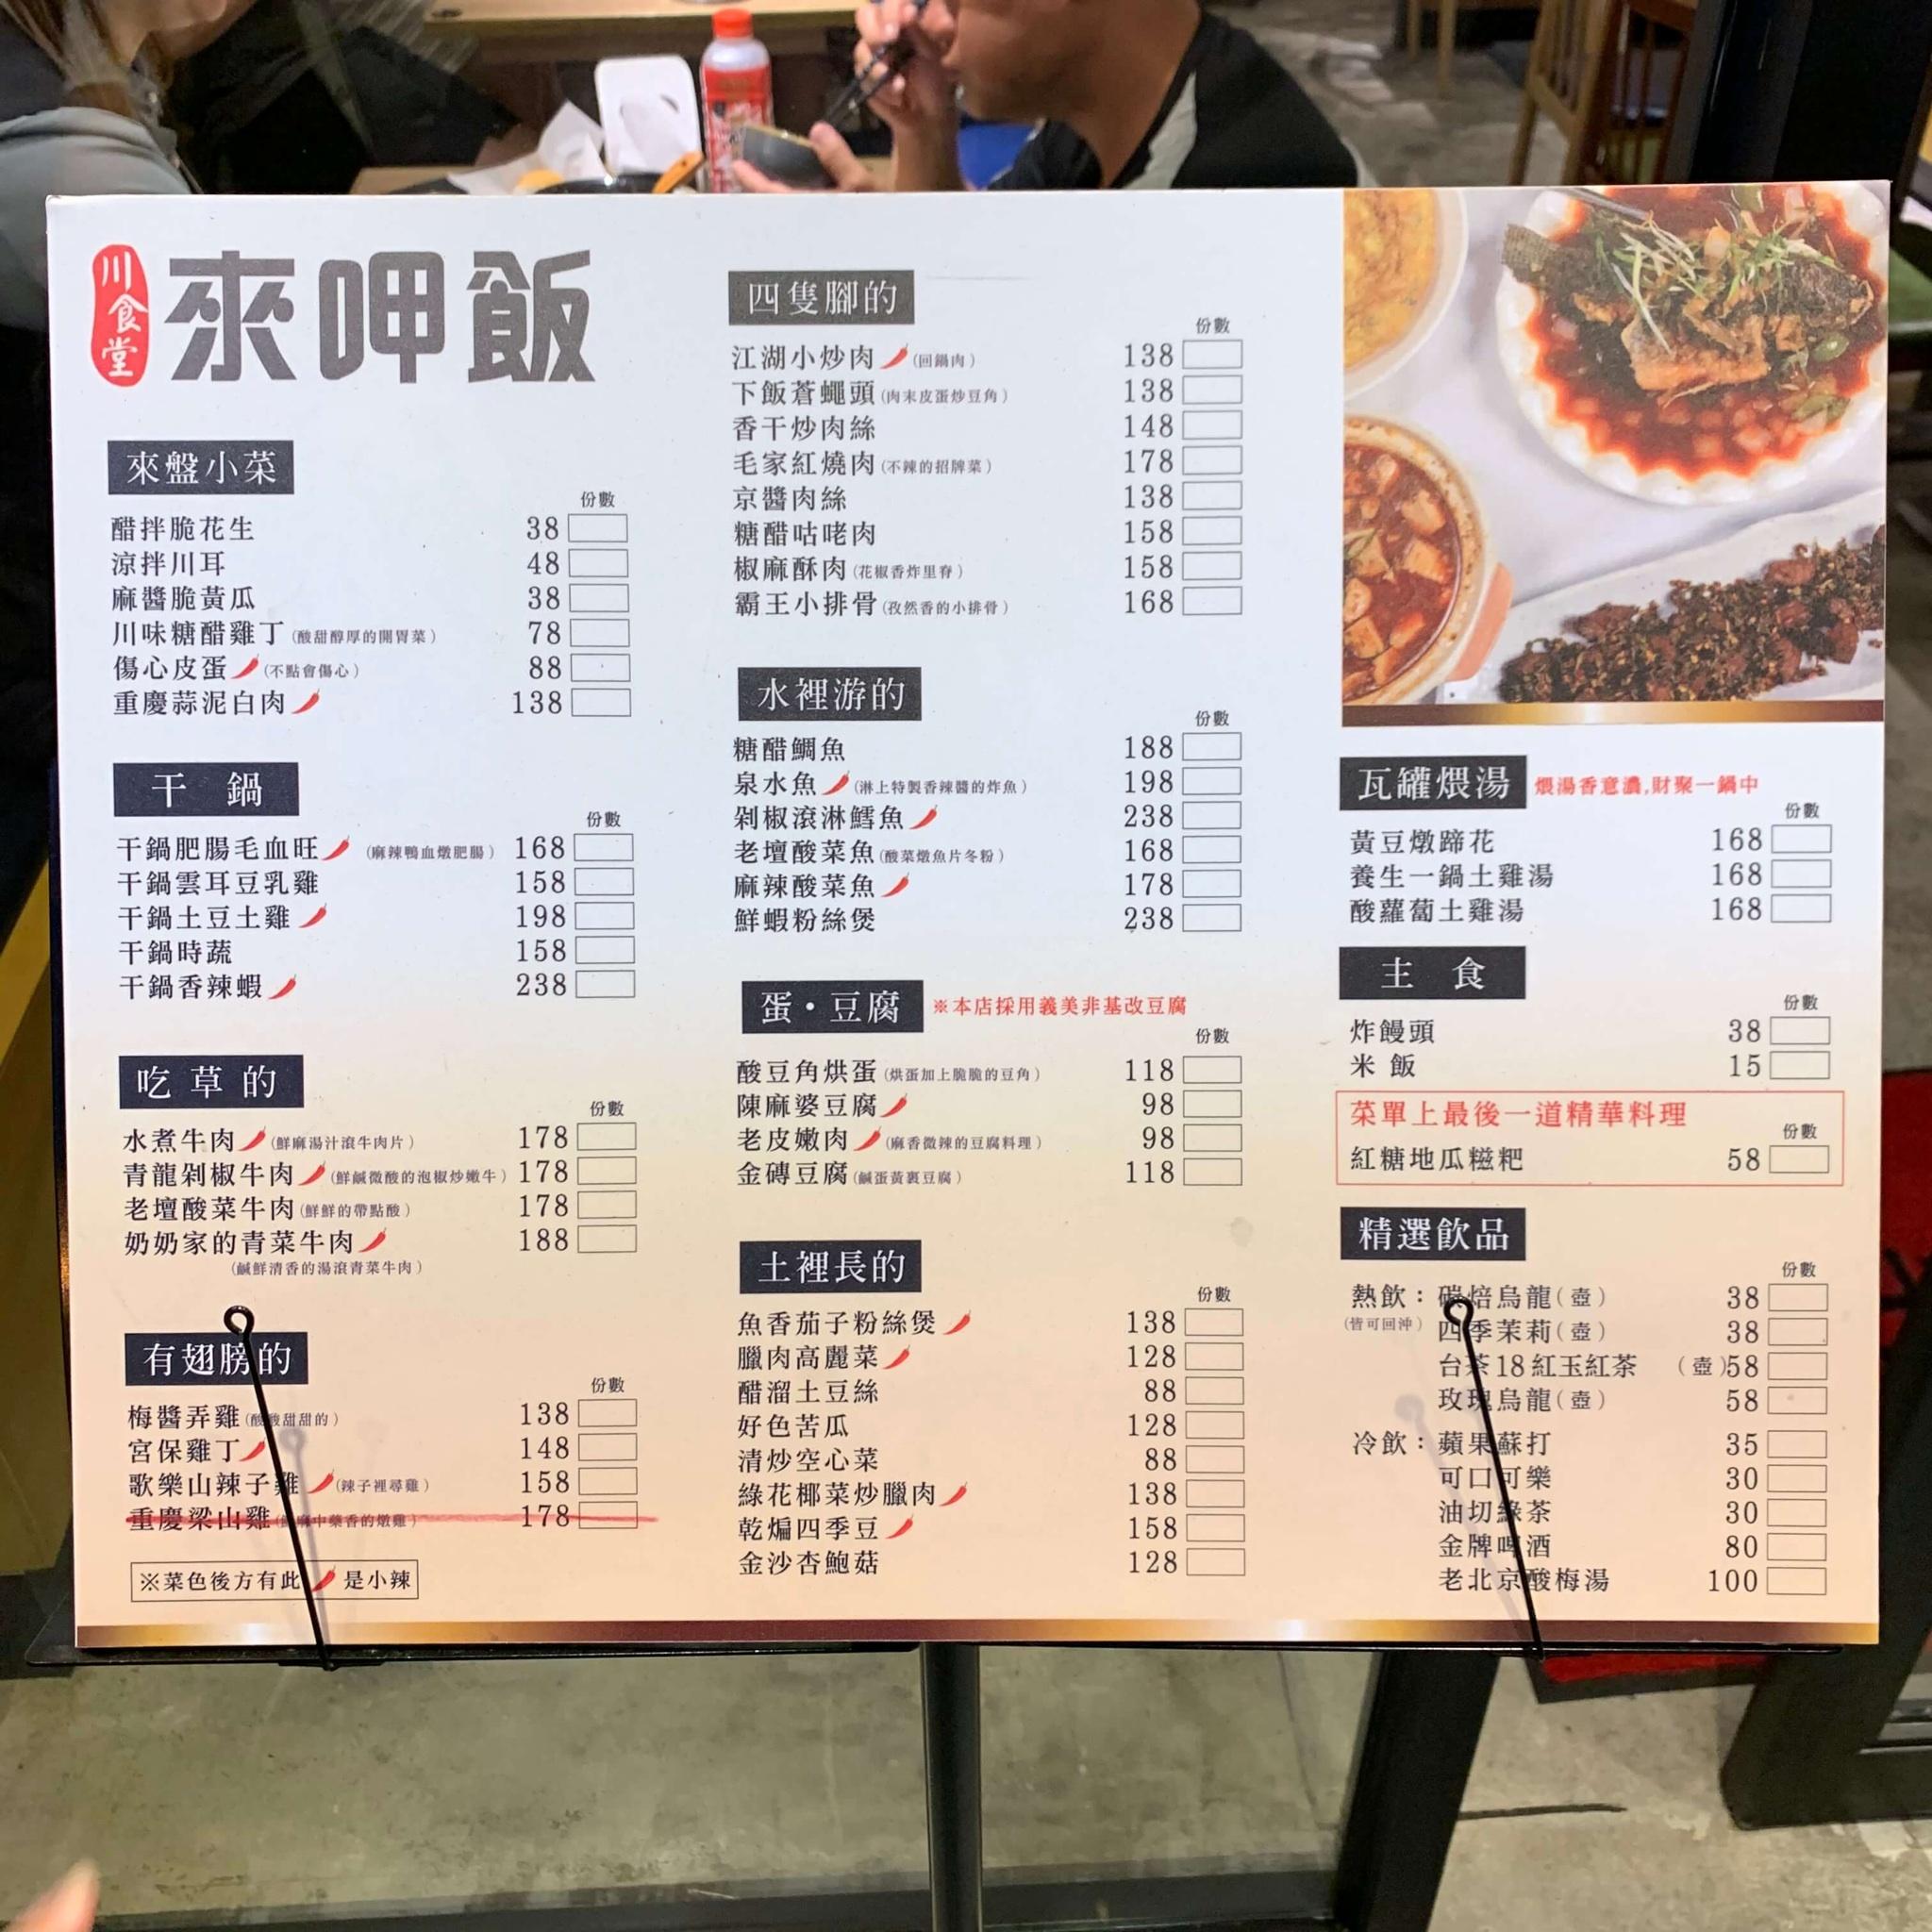 來呷飯川食堂外送外帶內用菜單MENUU